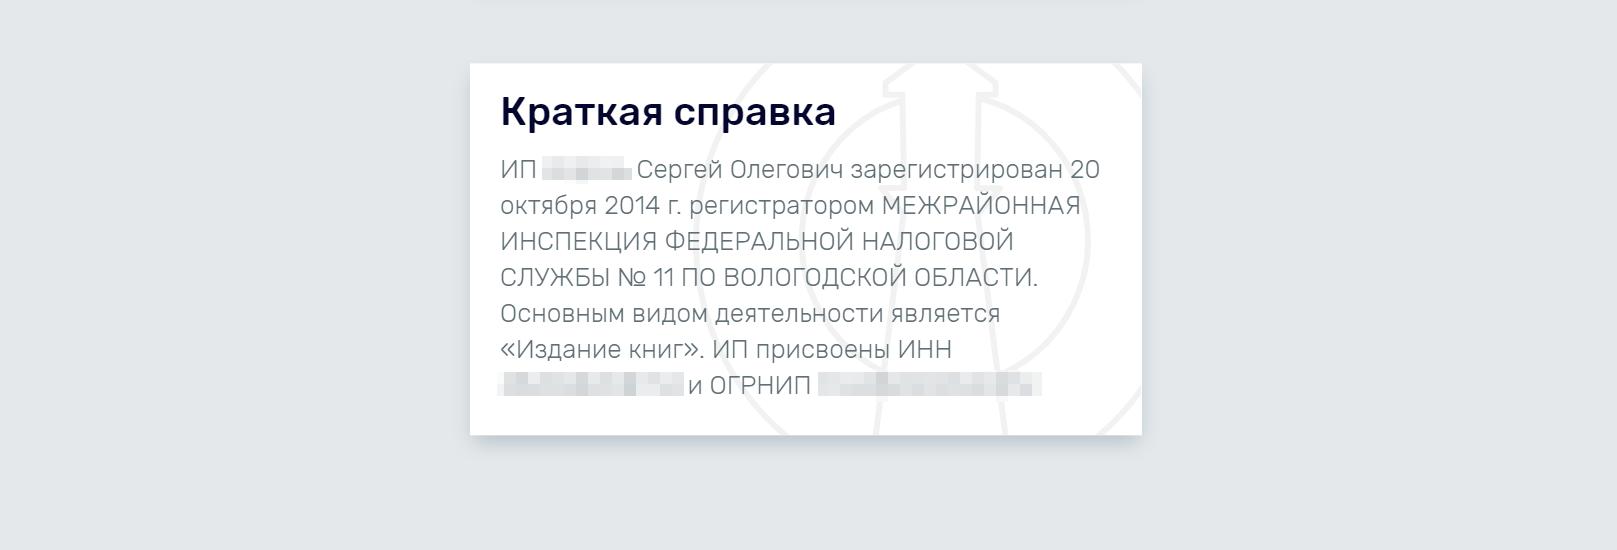 Такие сведения можно найти, например, на сайте rusprofile.ru или на других аналогичных. Они не относятся к персональным данным, поэтому размещать их в открытом доступе закон не запрещает